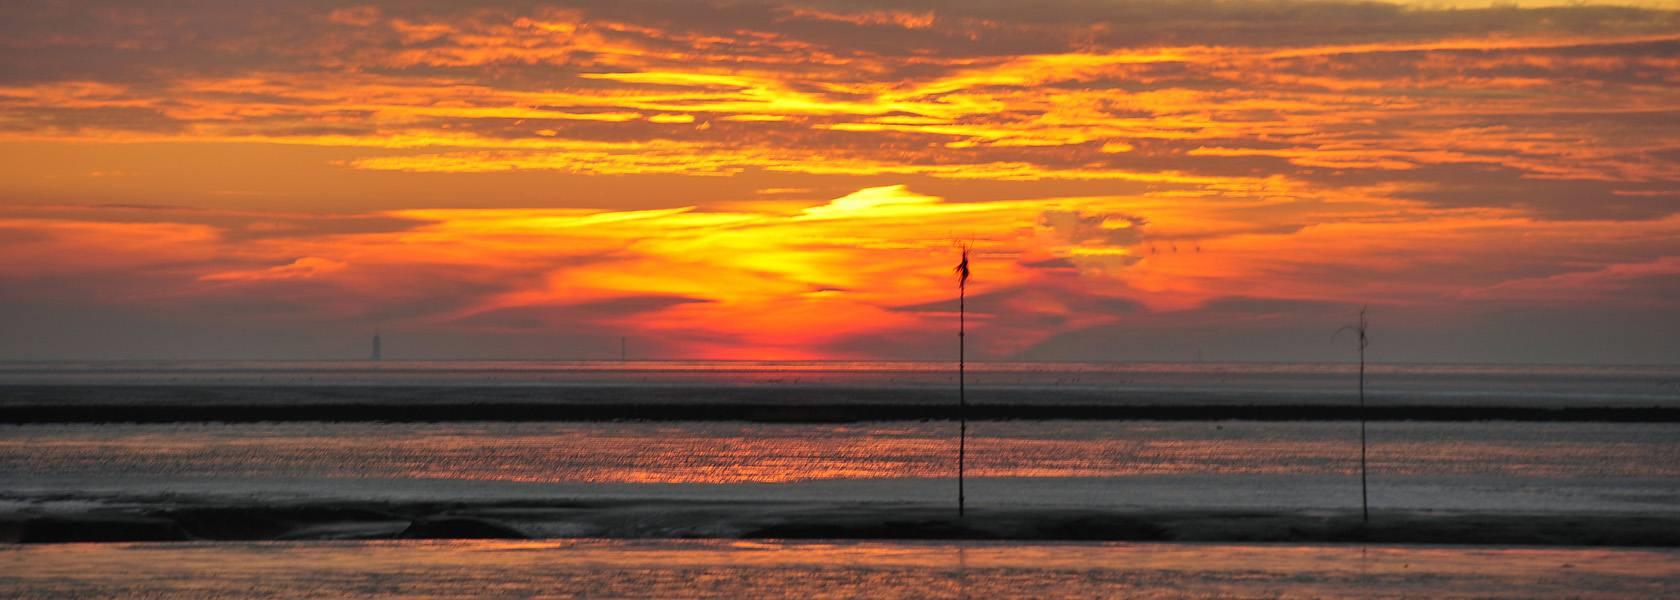 Sonnenuntergang am Priel, © Beate Ulich / Die Nordsee GmbH